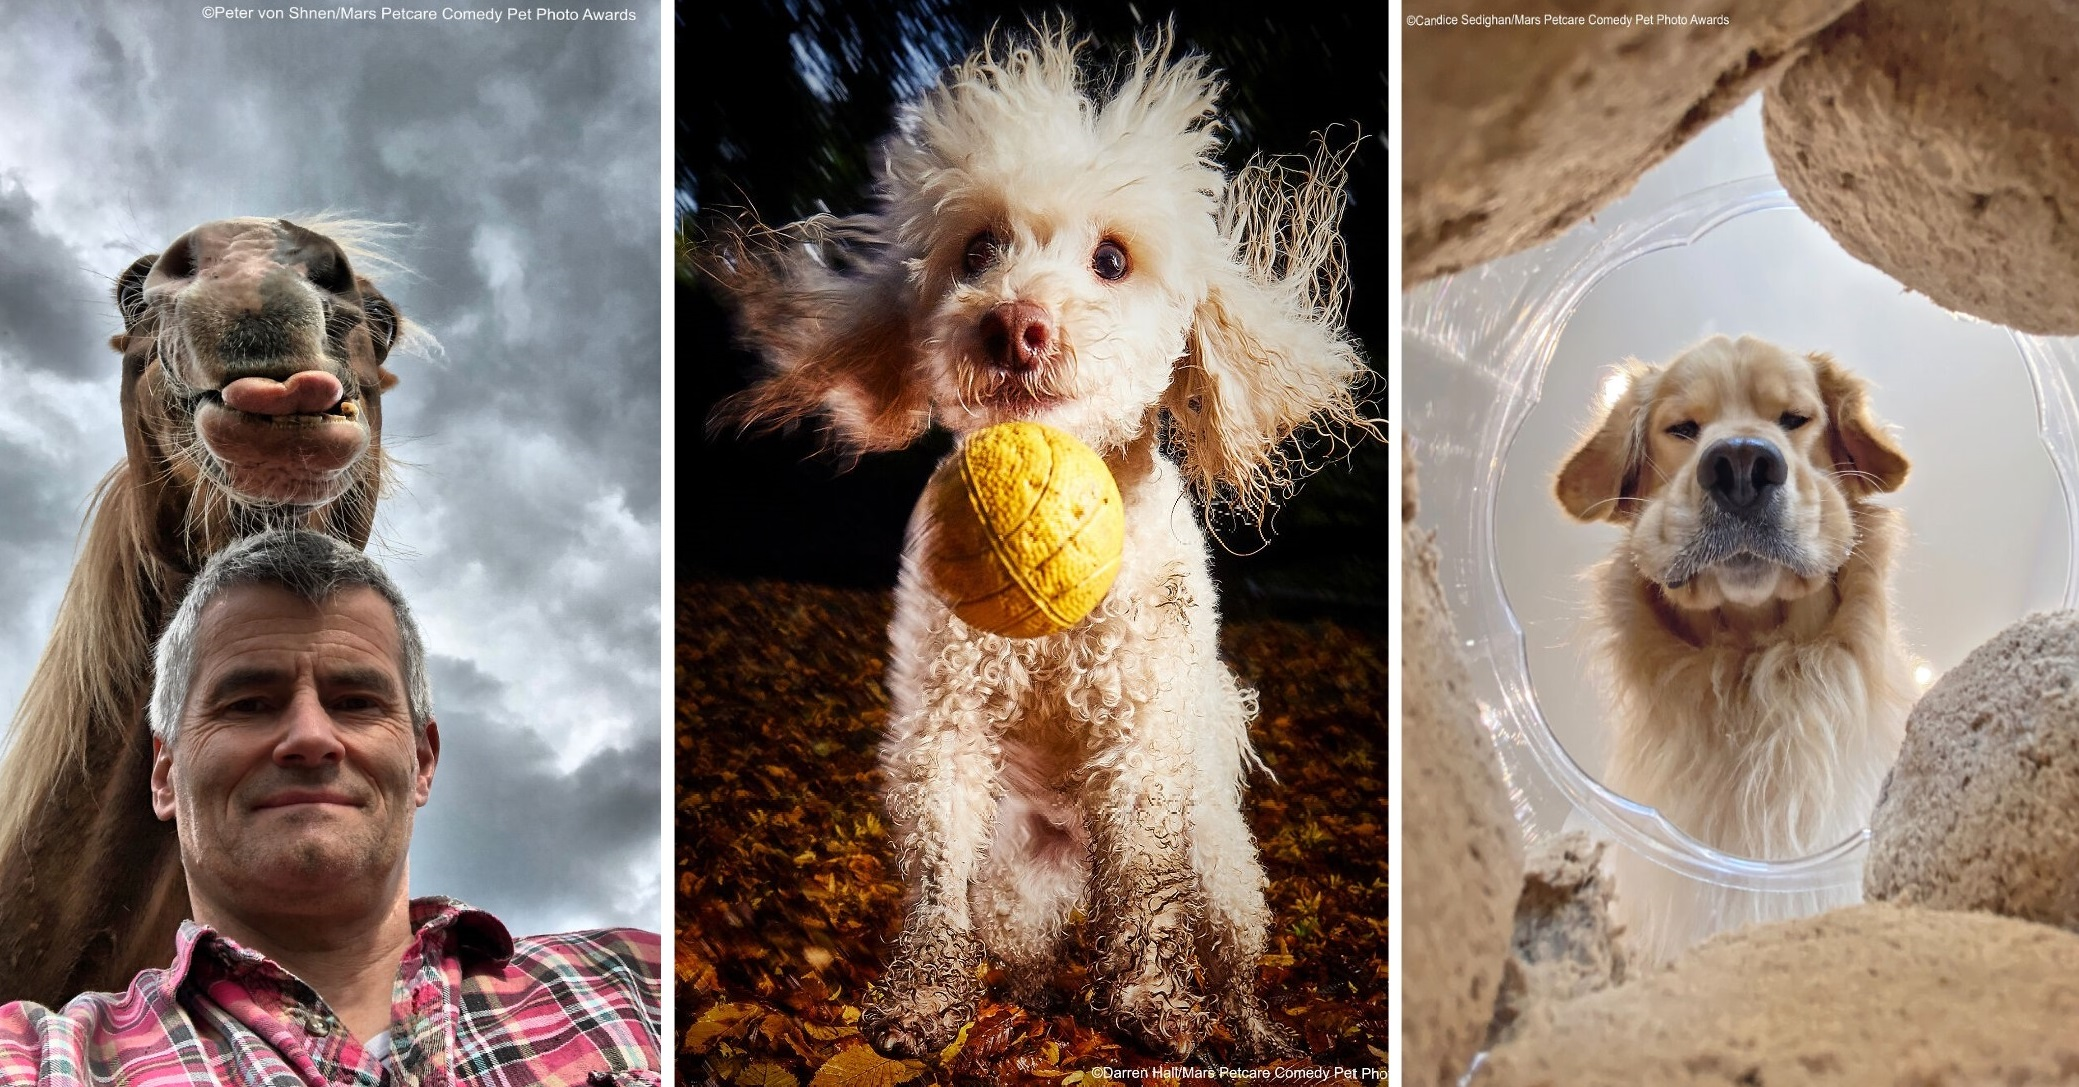 40 лучших смешных фотографий животных 2020 года, по версии Comedy Pet Photography Awards